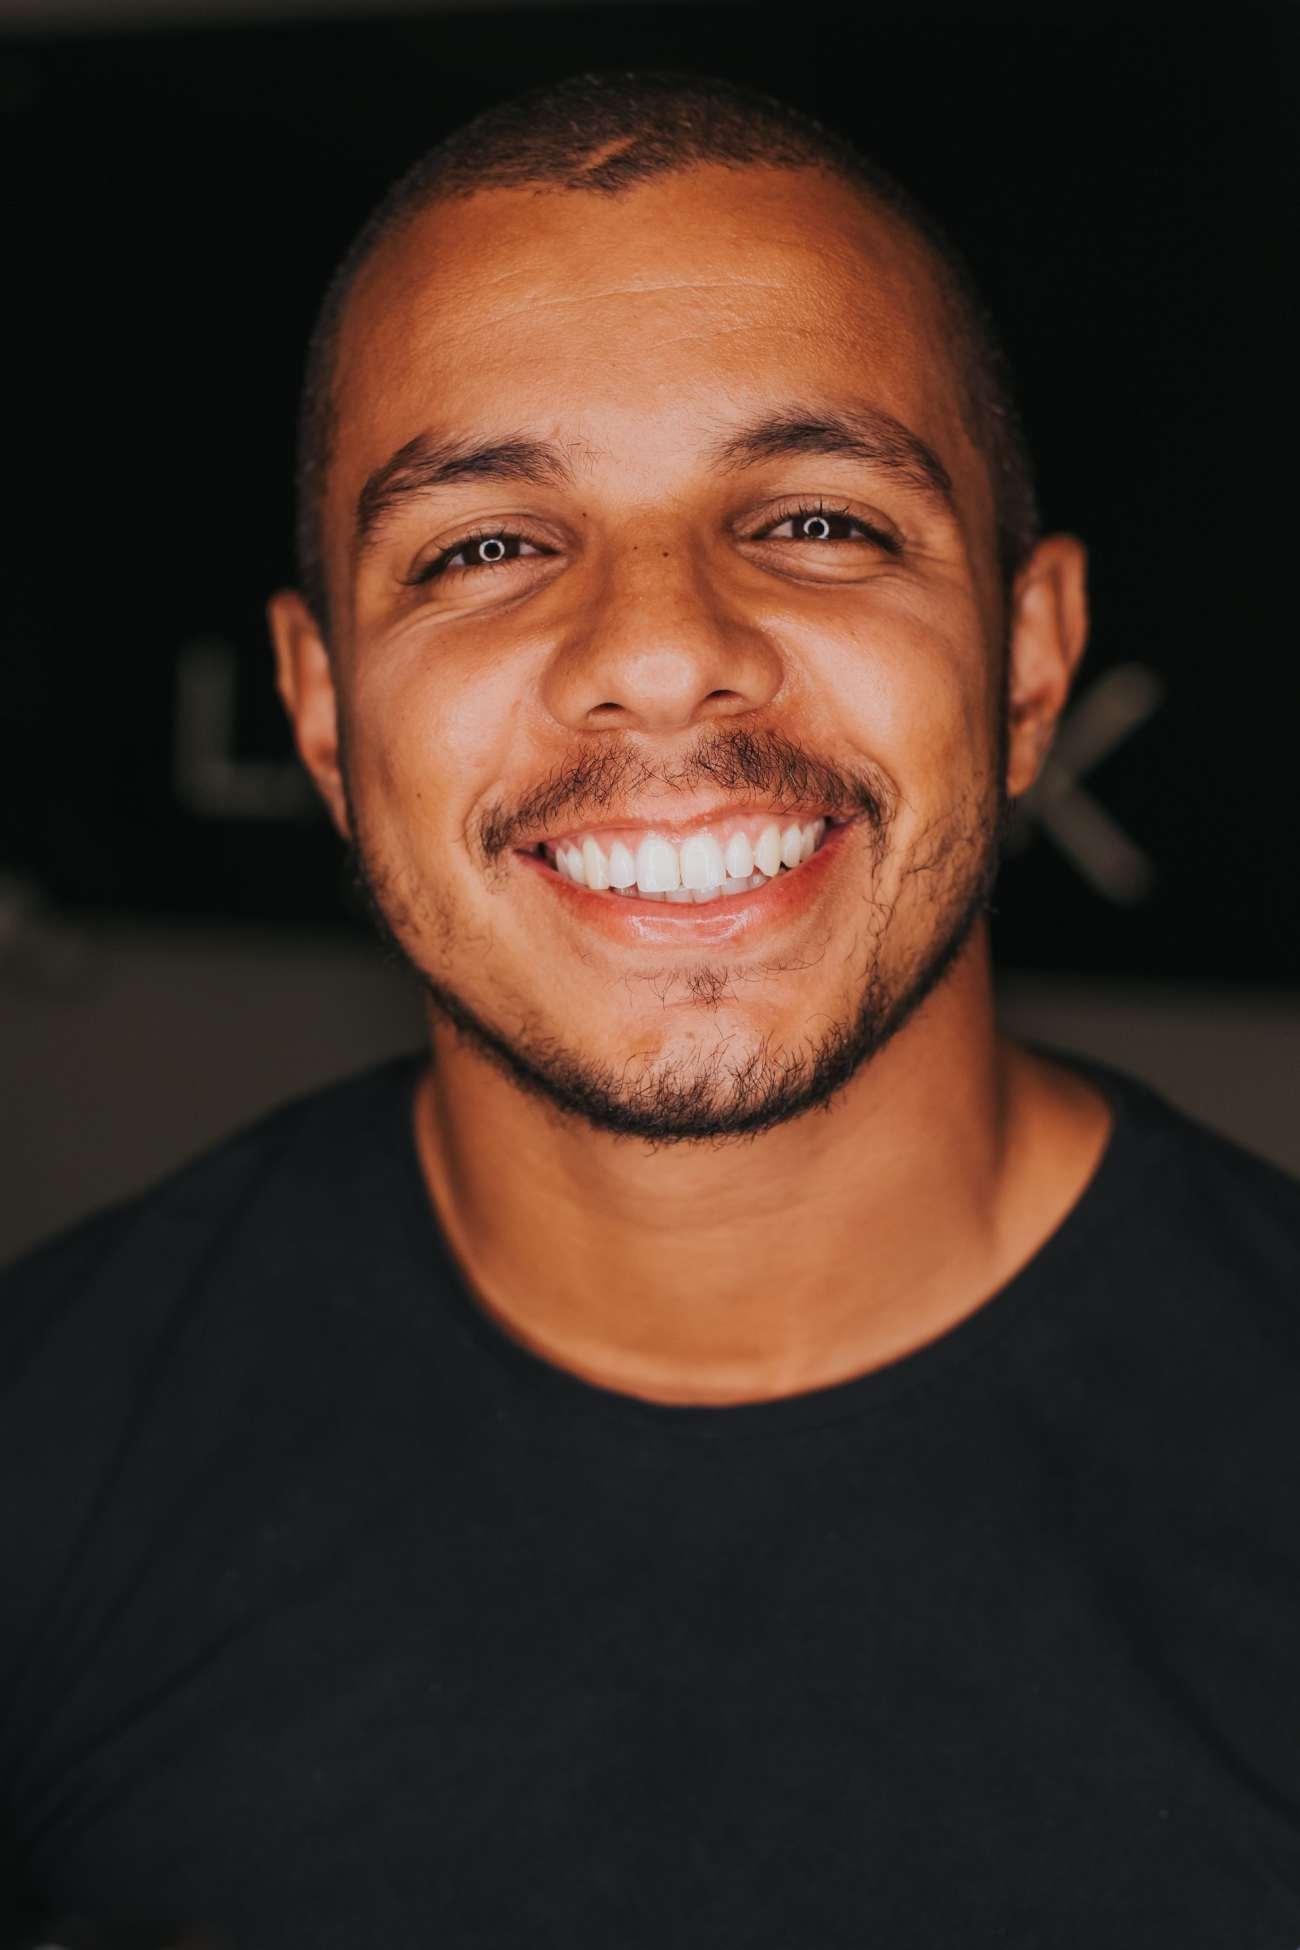 Un uomo con bei denti bianchi che sorride ampiamente.